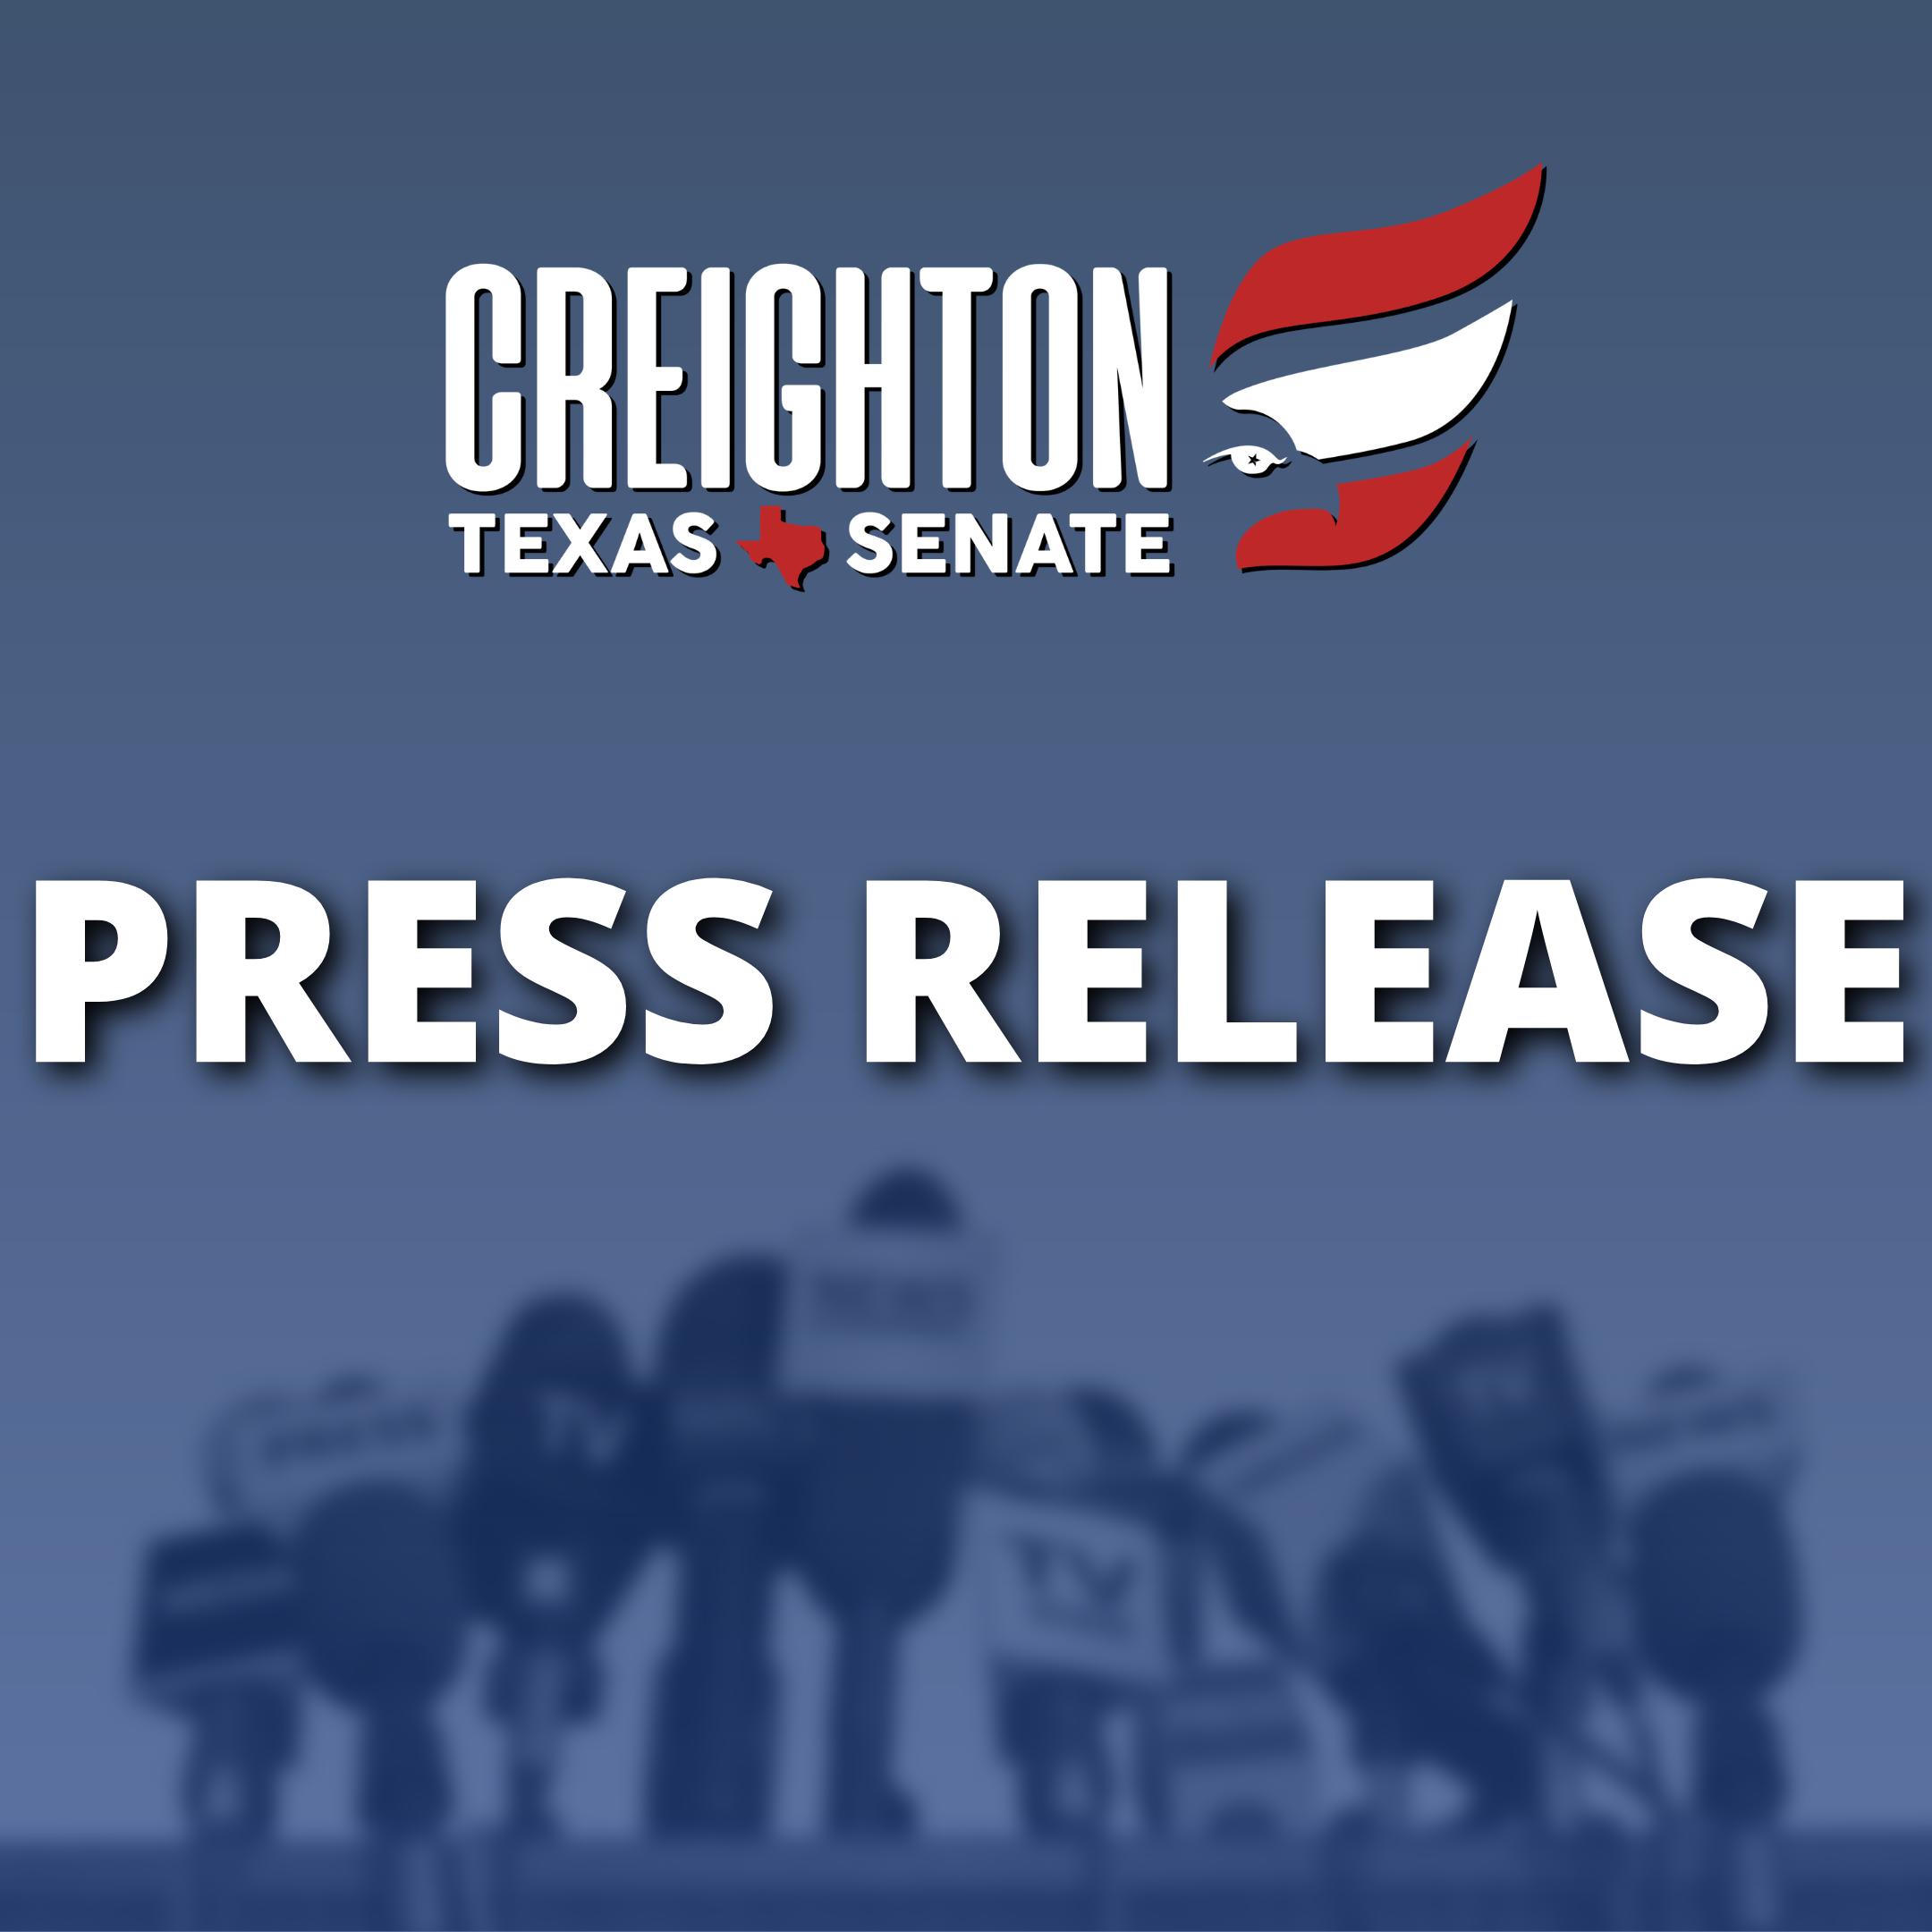 Creighton Seeking Reelection to Texas Senate